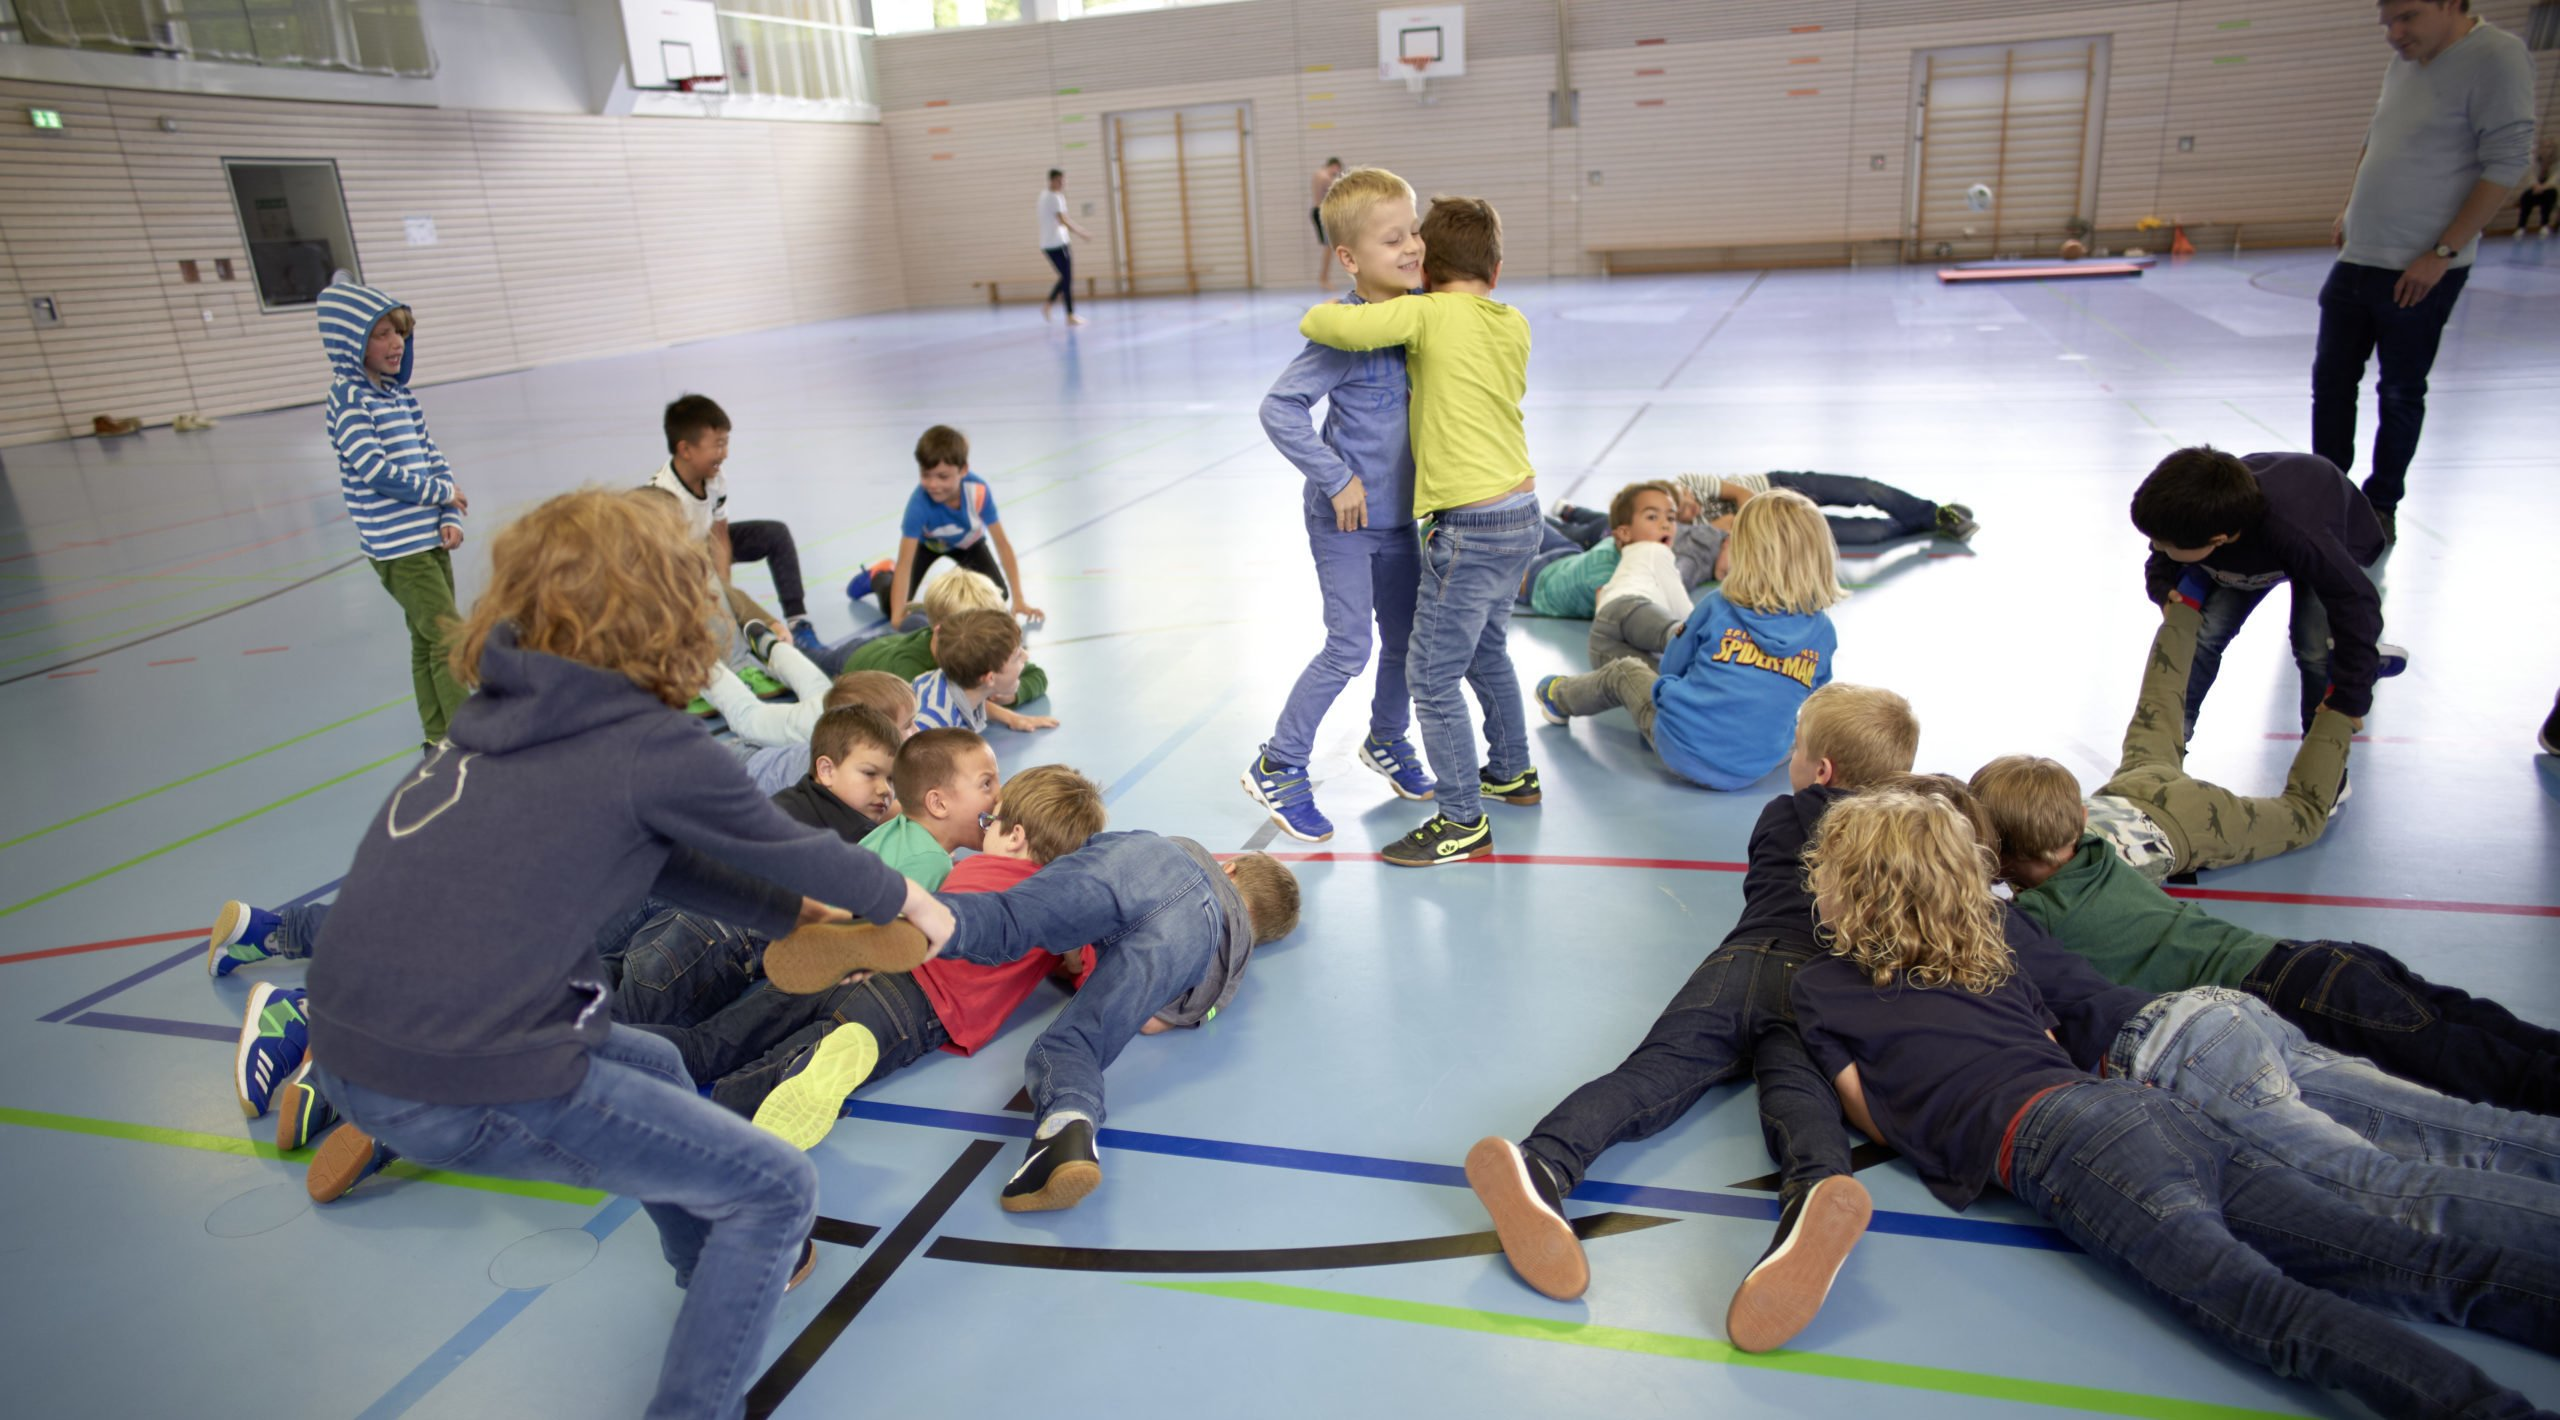 Grundschule-Schulleben-Regensburg